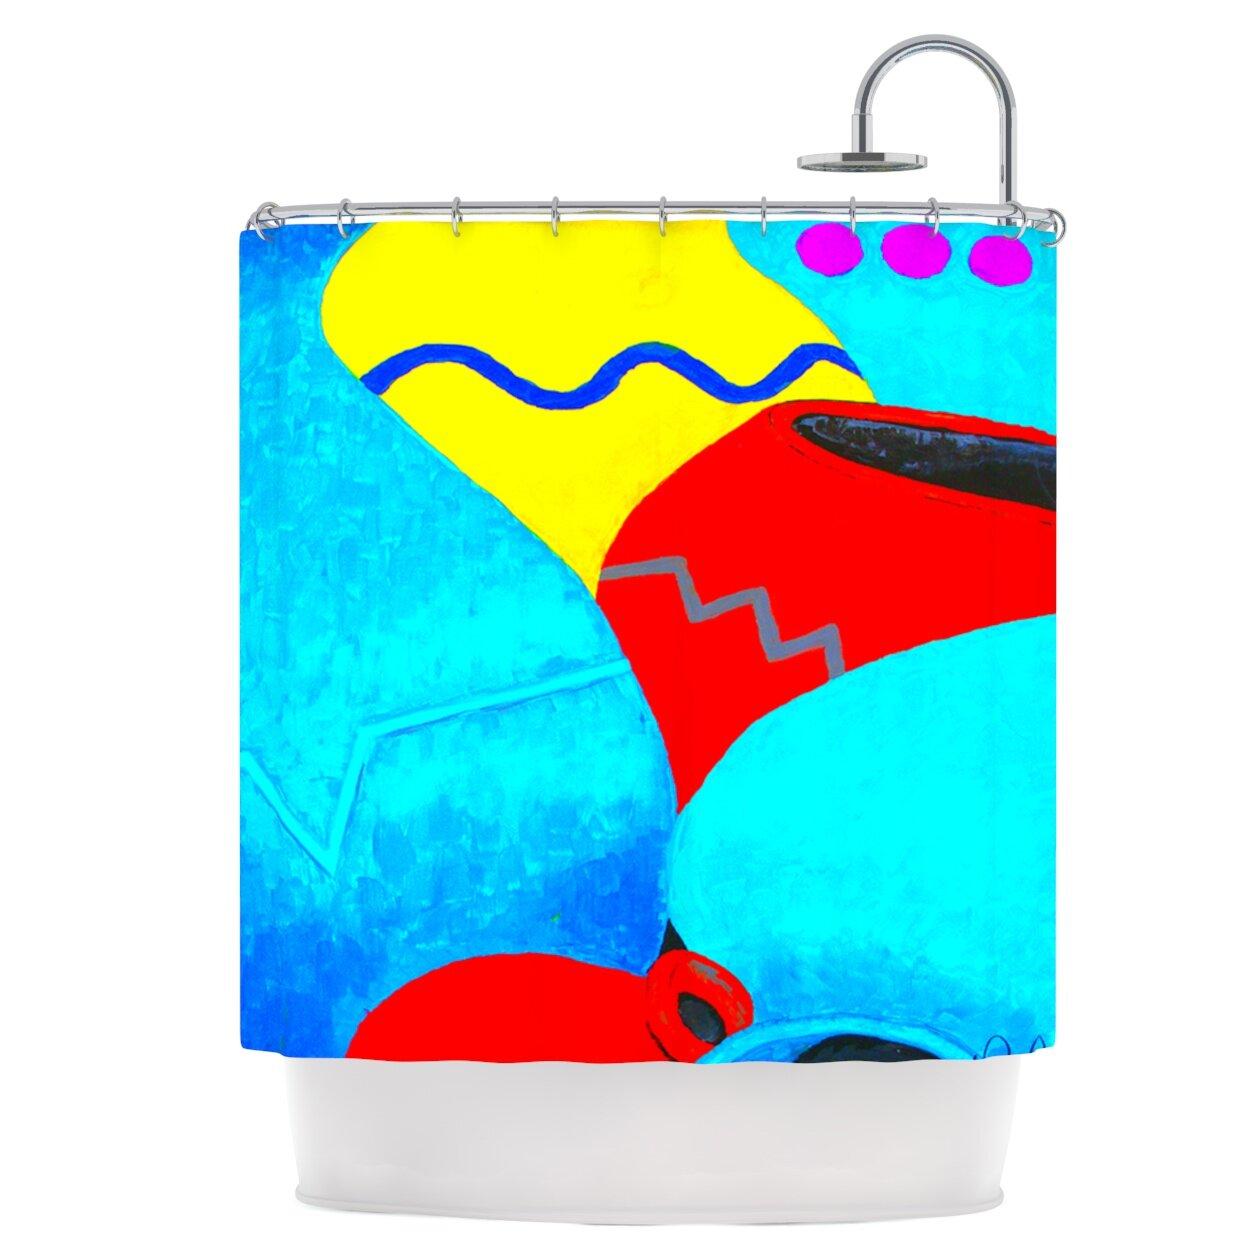 Cool Terracotta Shower Curtain Photos - Bathtub for Bathroom Ideas ...